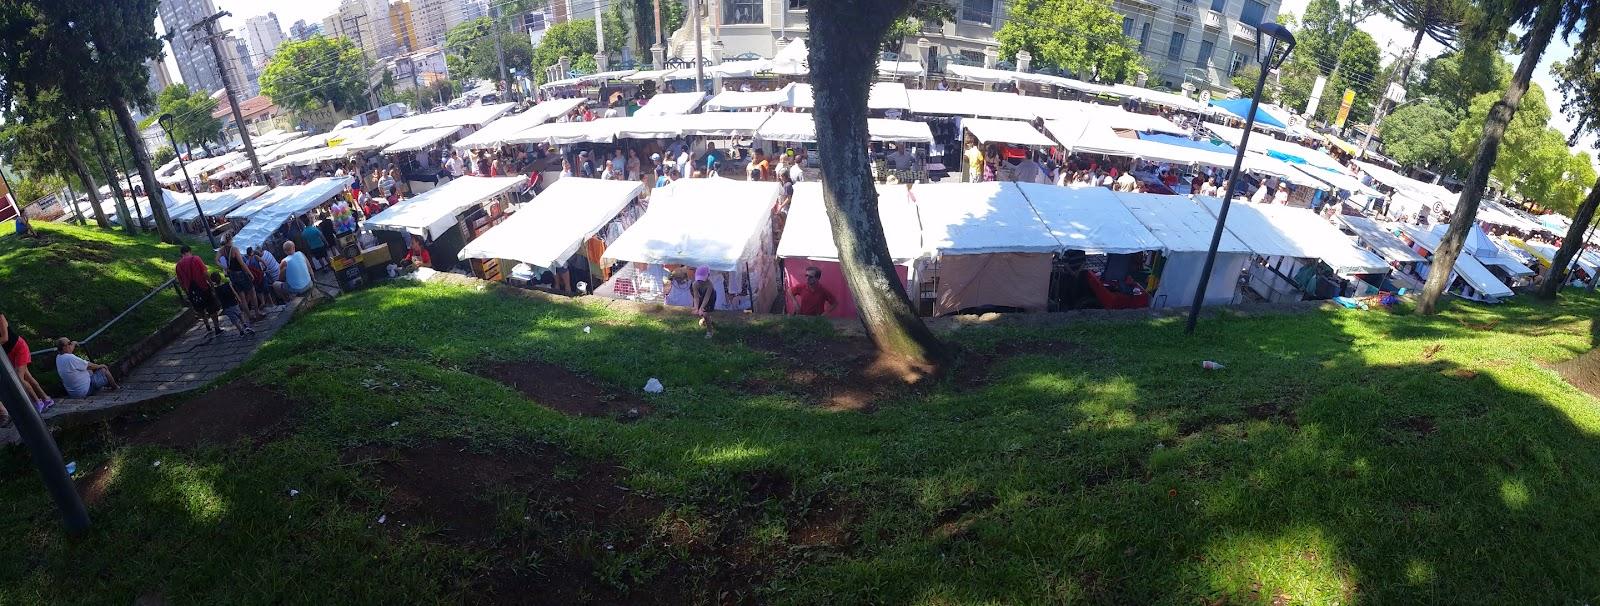 Feira do Largo da Ordem - Curitiba - PR - VIAJAR - TURISMO E VIAGEM